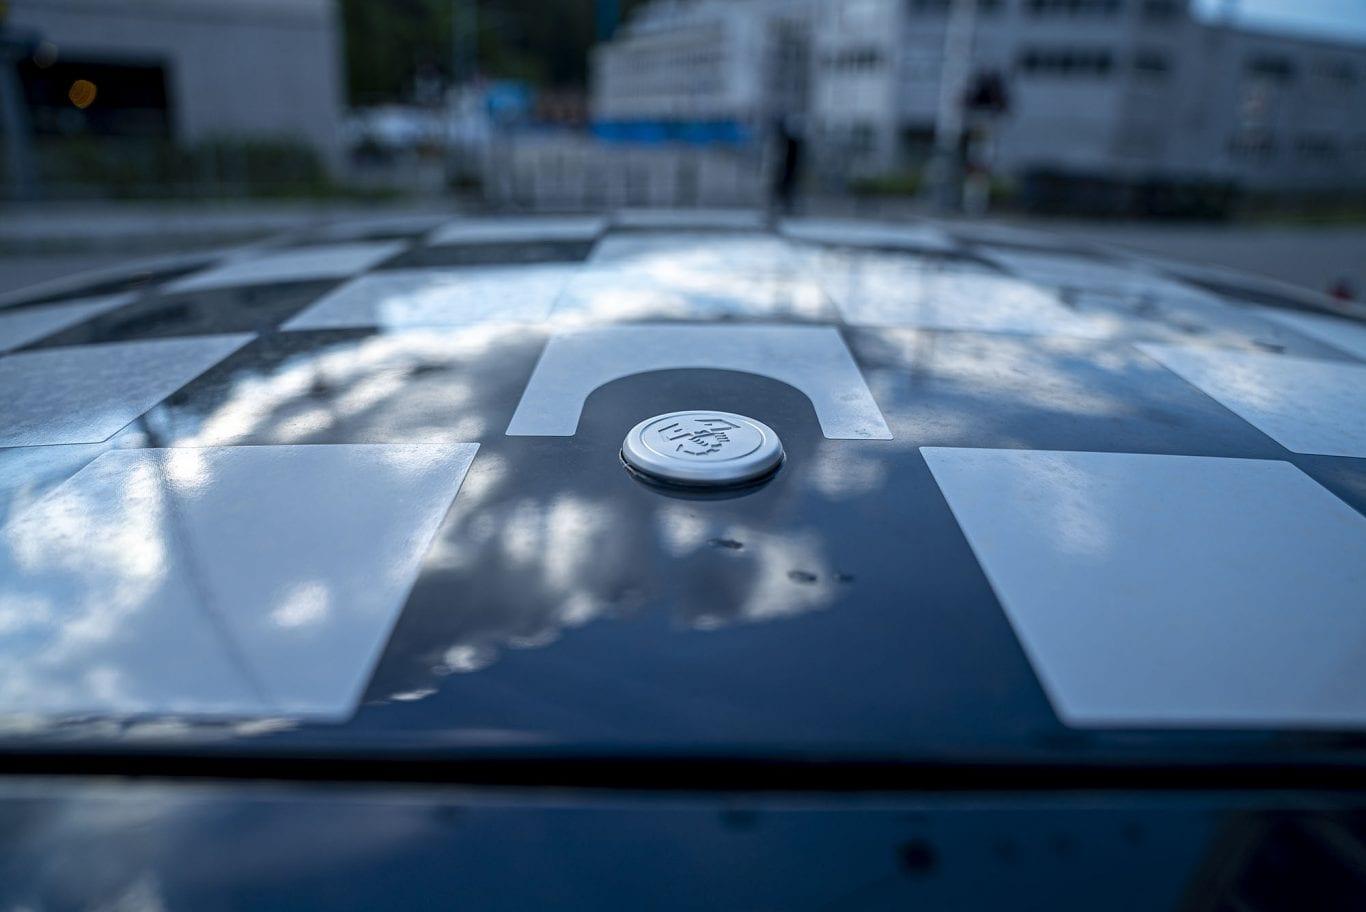 Fiat 500 Abarth 695 70 Anniversario: Fiat, wir müssen reden - Auto Kunz AG 7